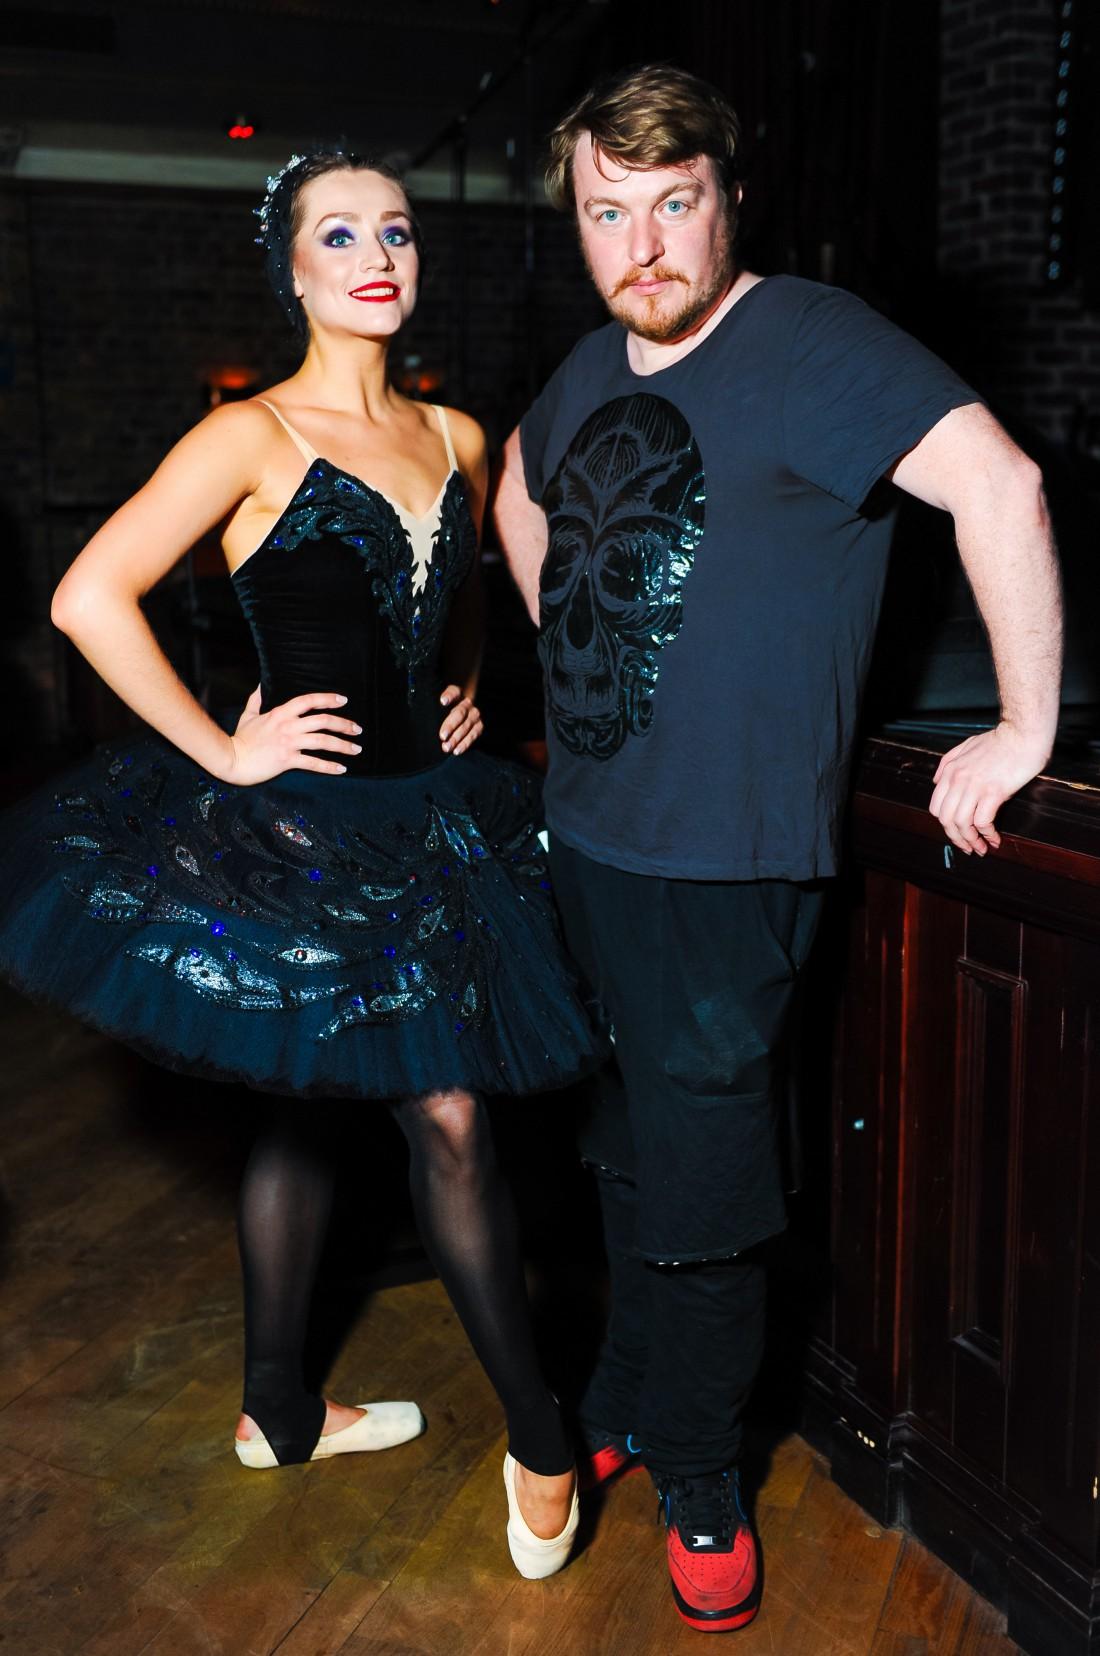 Алексей Залевский с балериной, котороая снялась в клипе